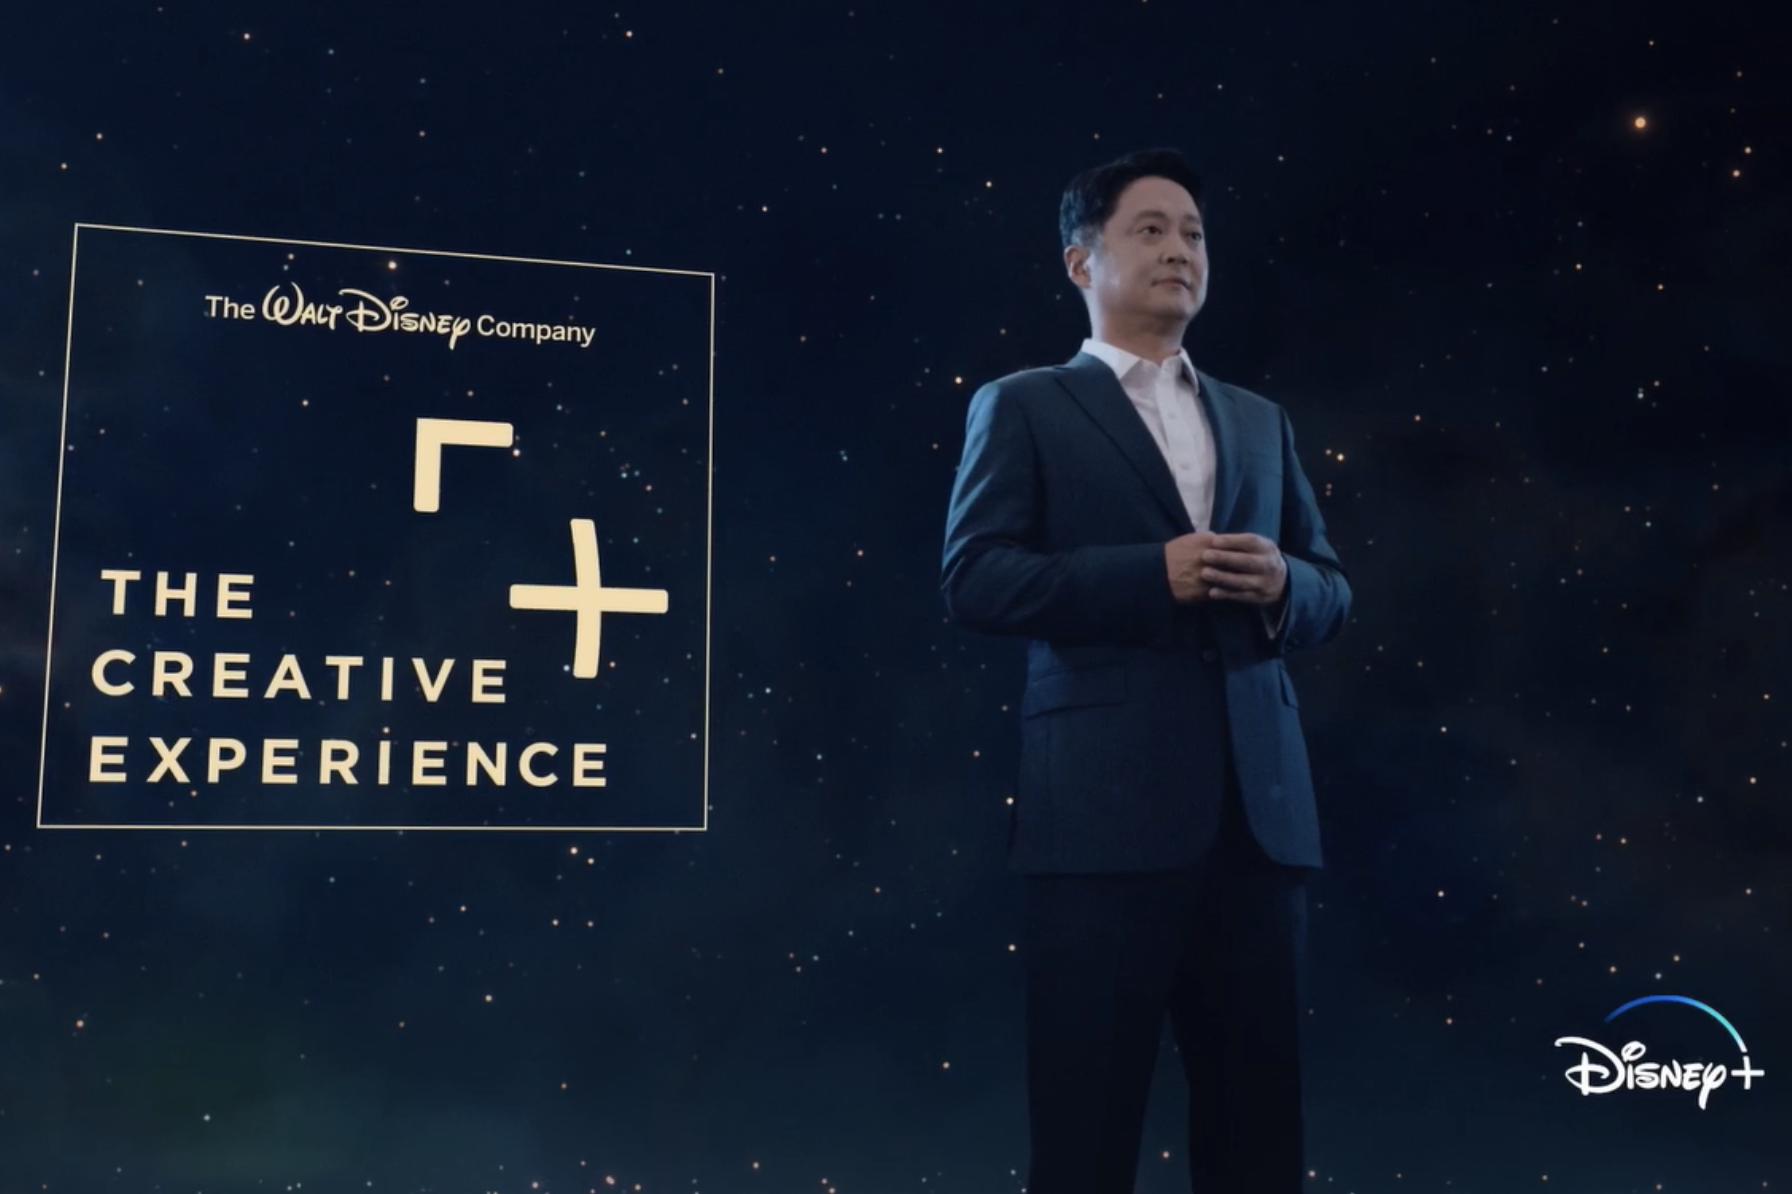 華特迪士尼公司亞太區總裁姜熡可在14日的發布會上介紹亞太區「迪士尼創意體驗之旅」企劃。(華特迪士尼公司提供)